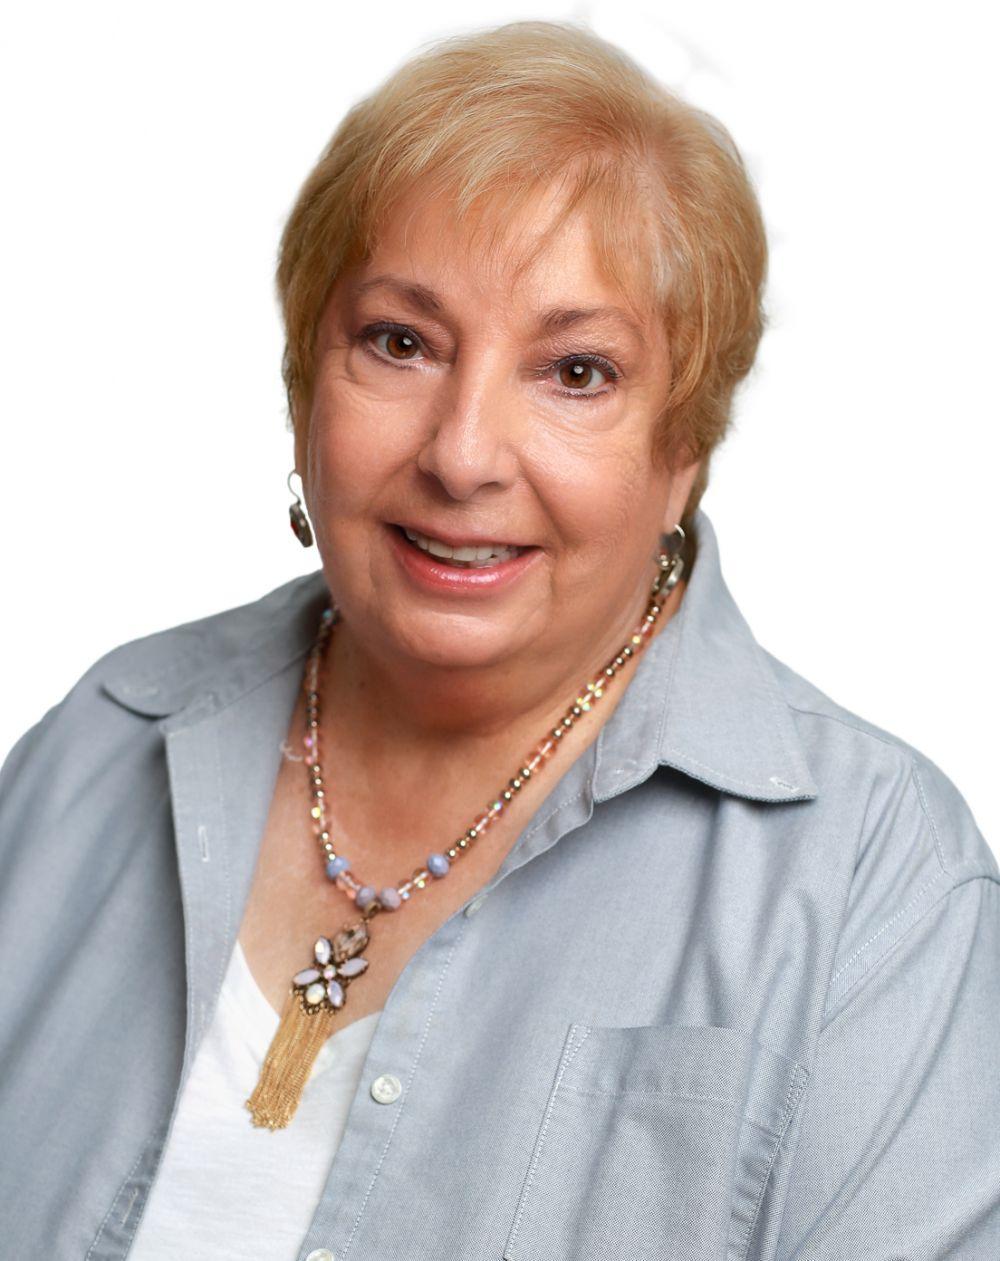 Pat Schelling